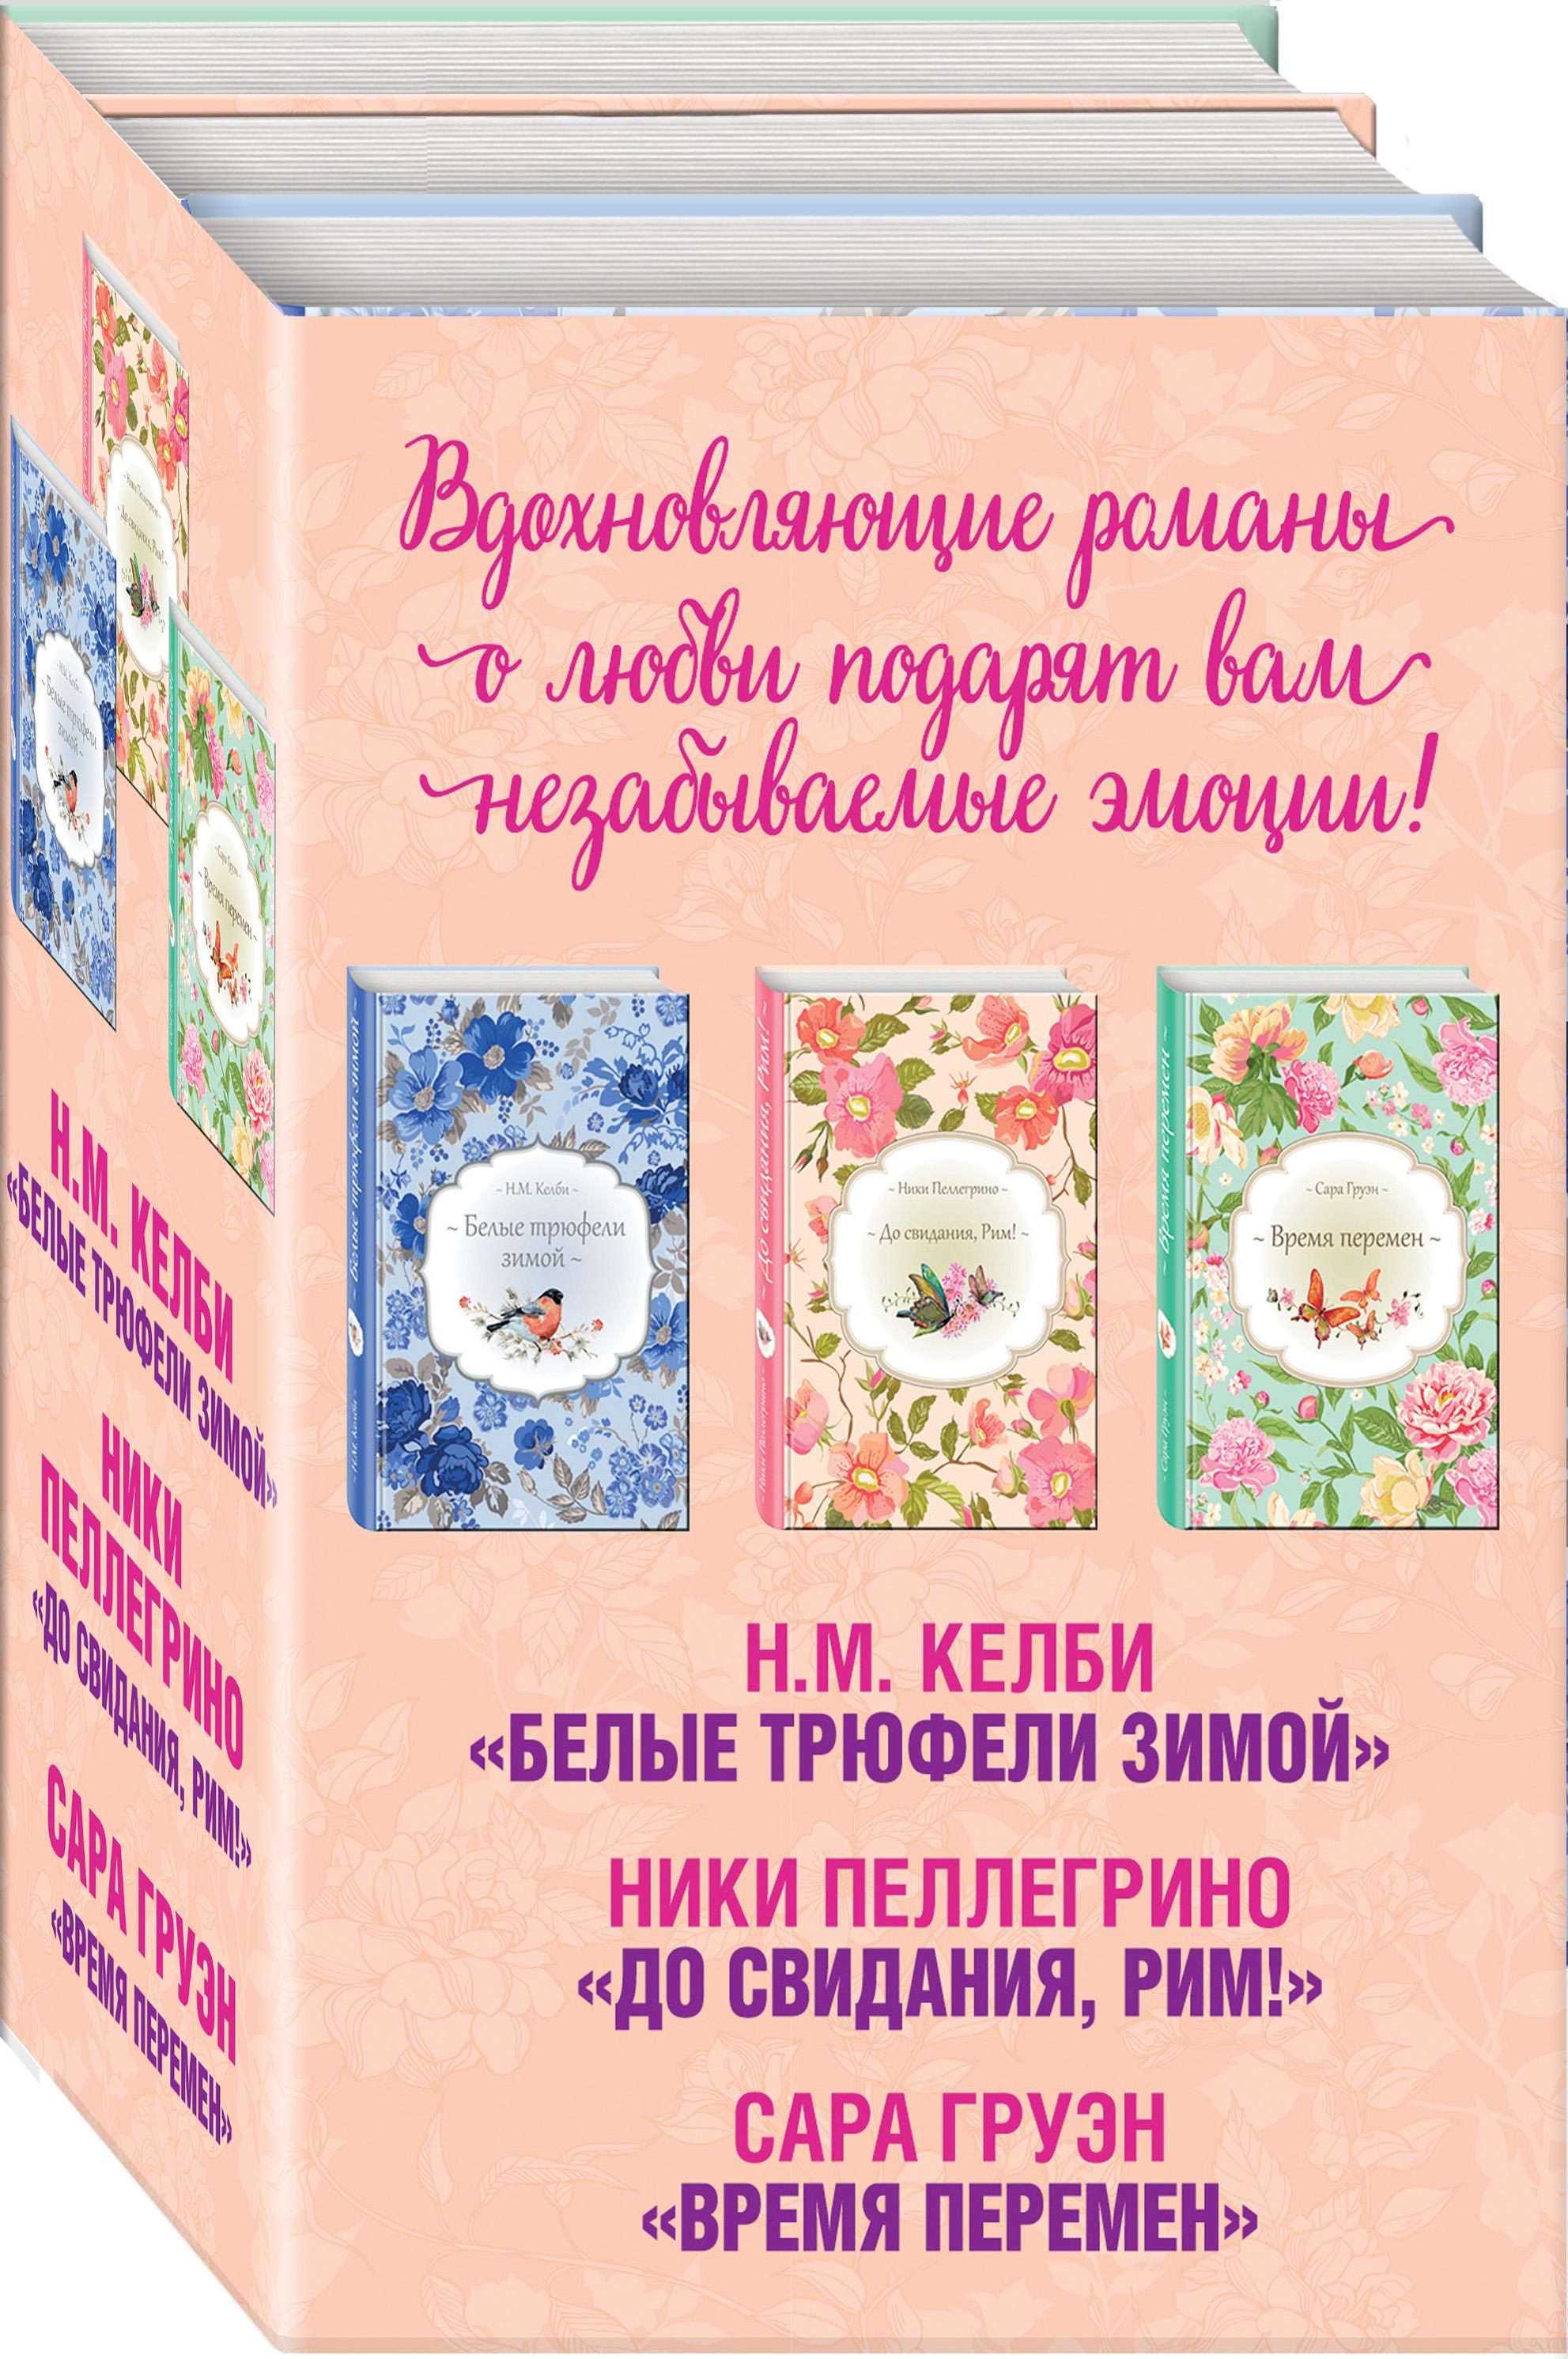 Пеллегрино Н., Груэн С., Келби Н.М. Три романа о любви, которые изменят вашу жизнь